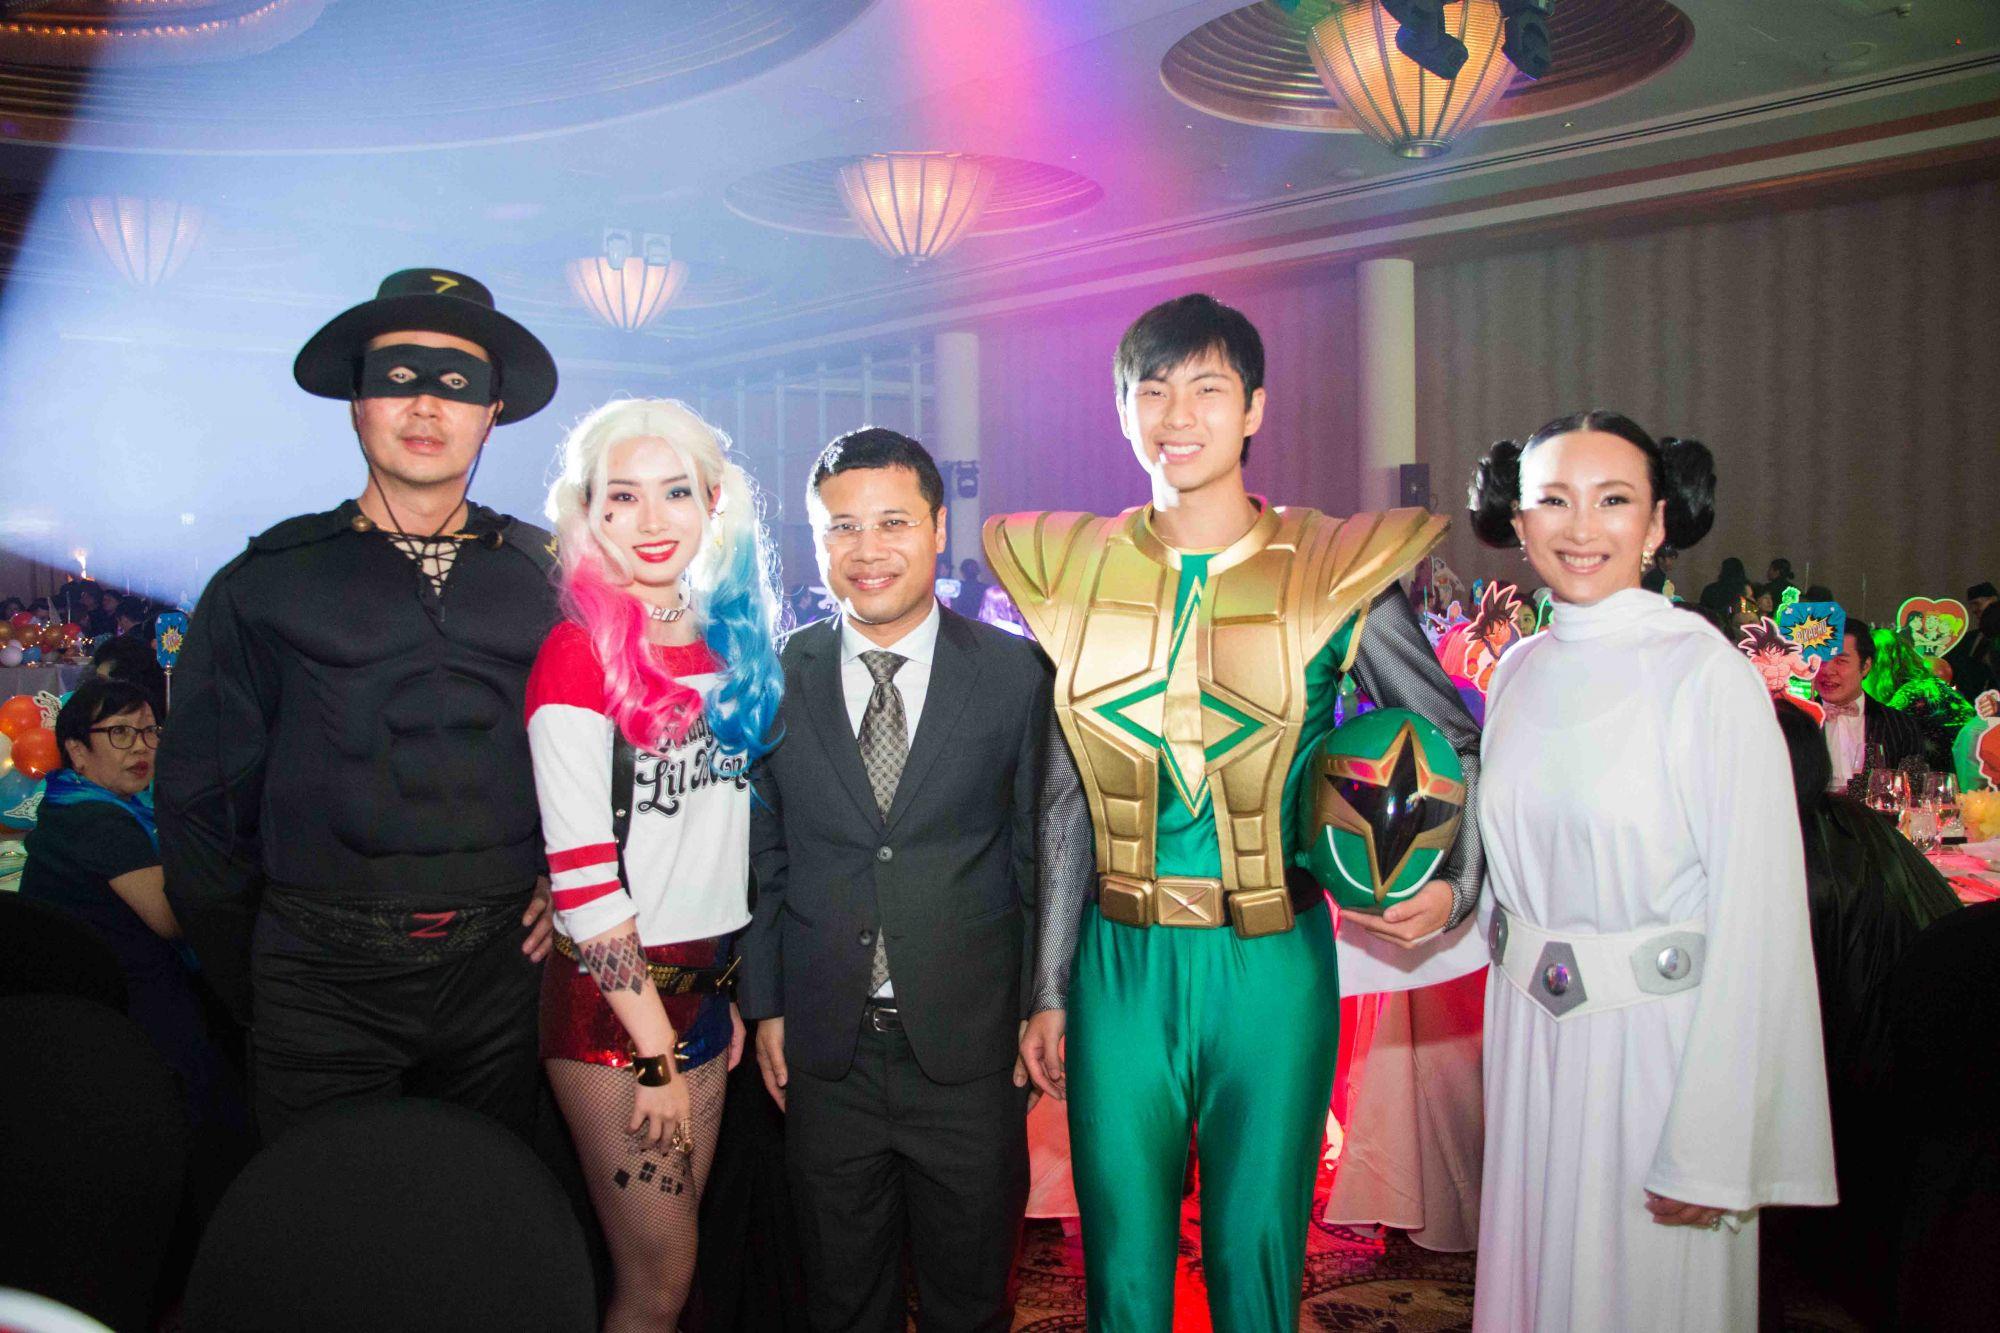 Heah Sieu Min, Elizabeth Heah, Desmond Lee, Nicholas Heah, Caroline Low-Heah